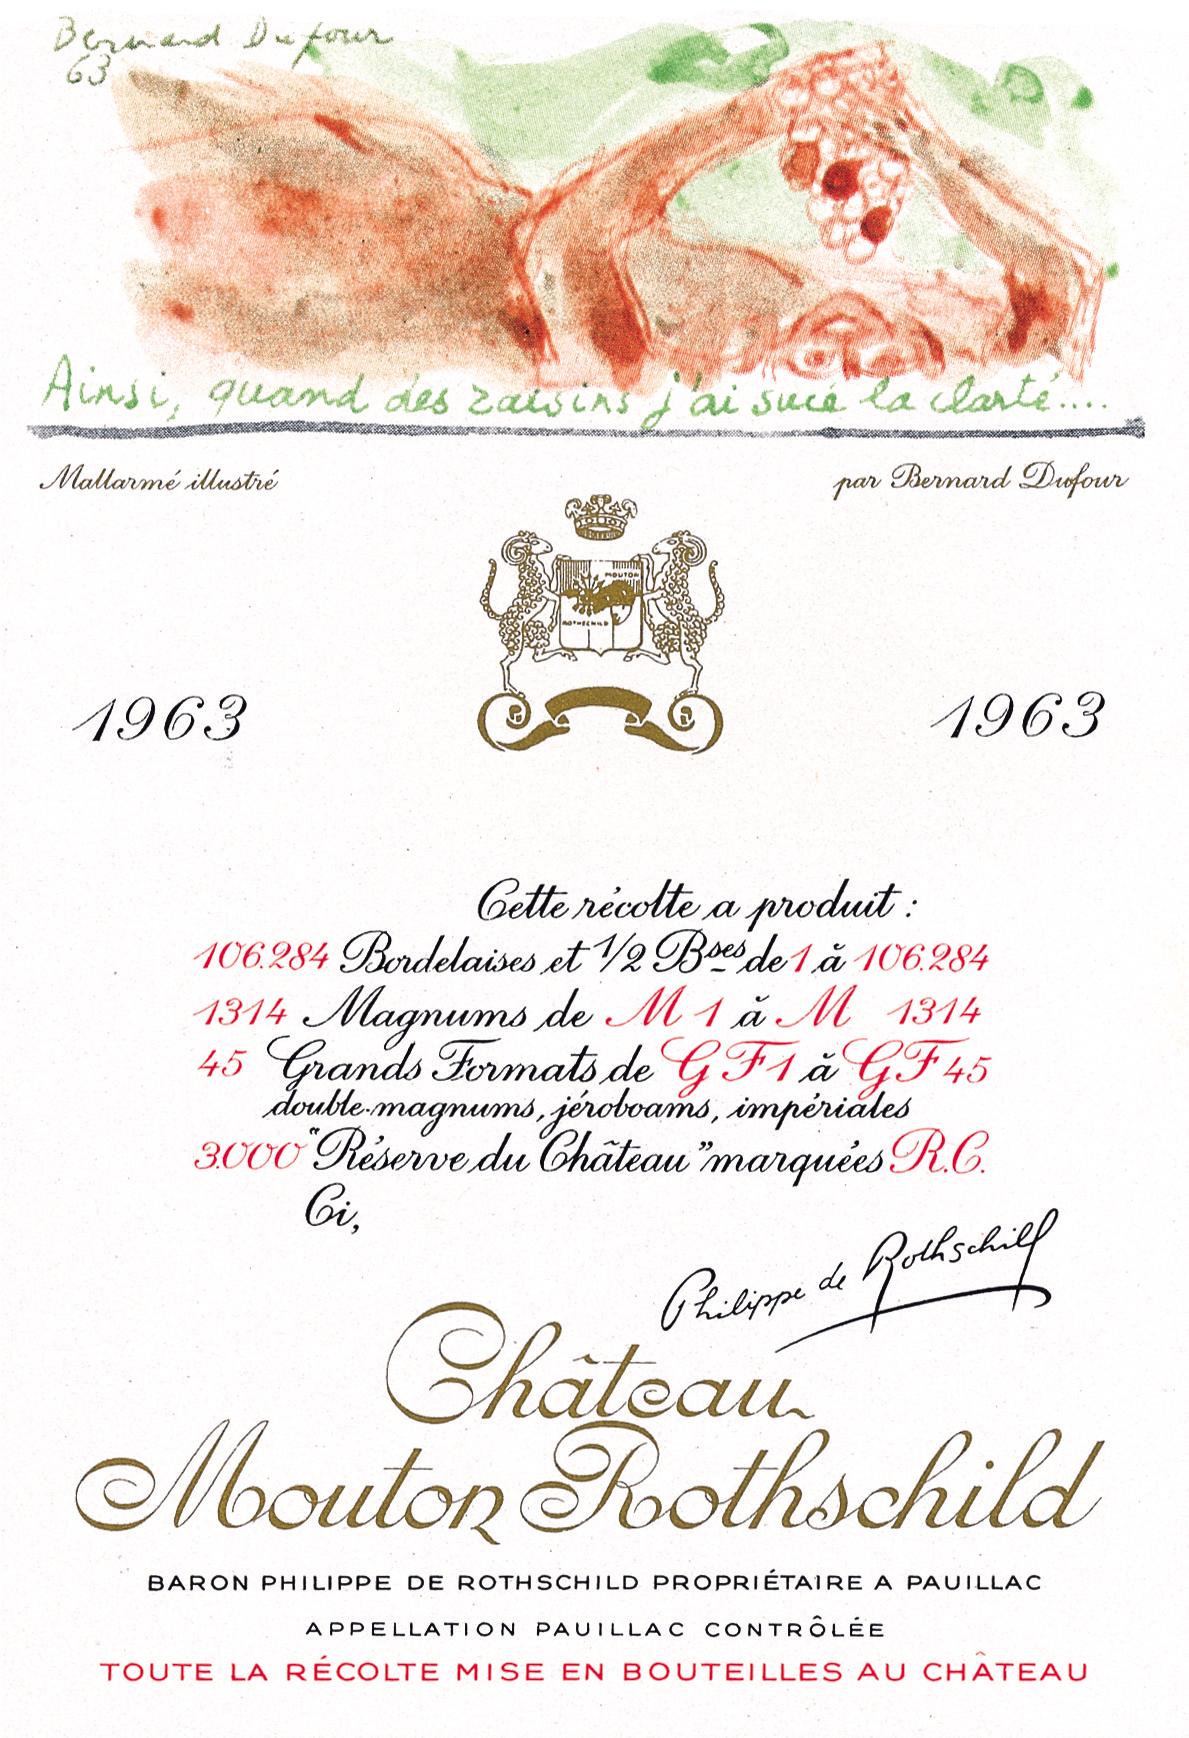 Etiquette Mouton Rothschild 1963